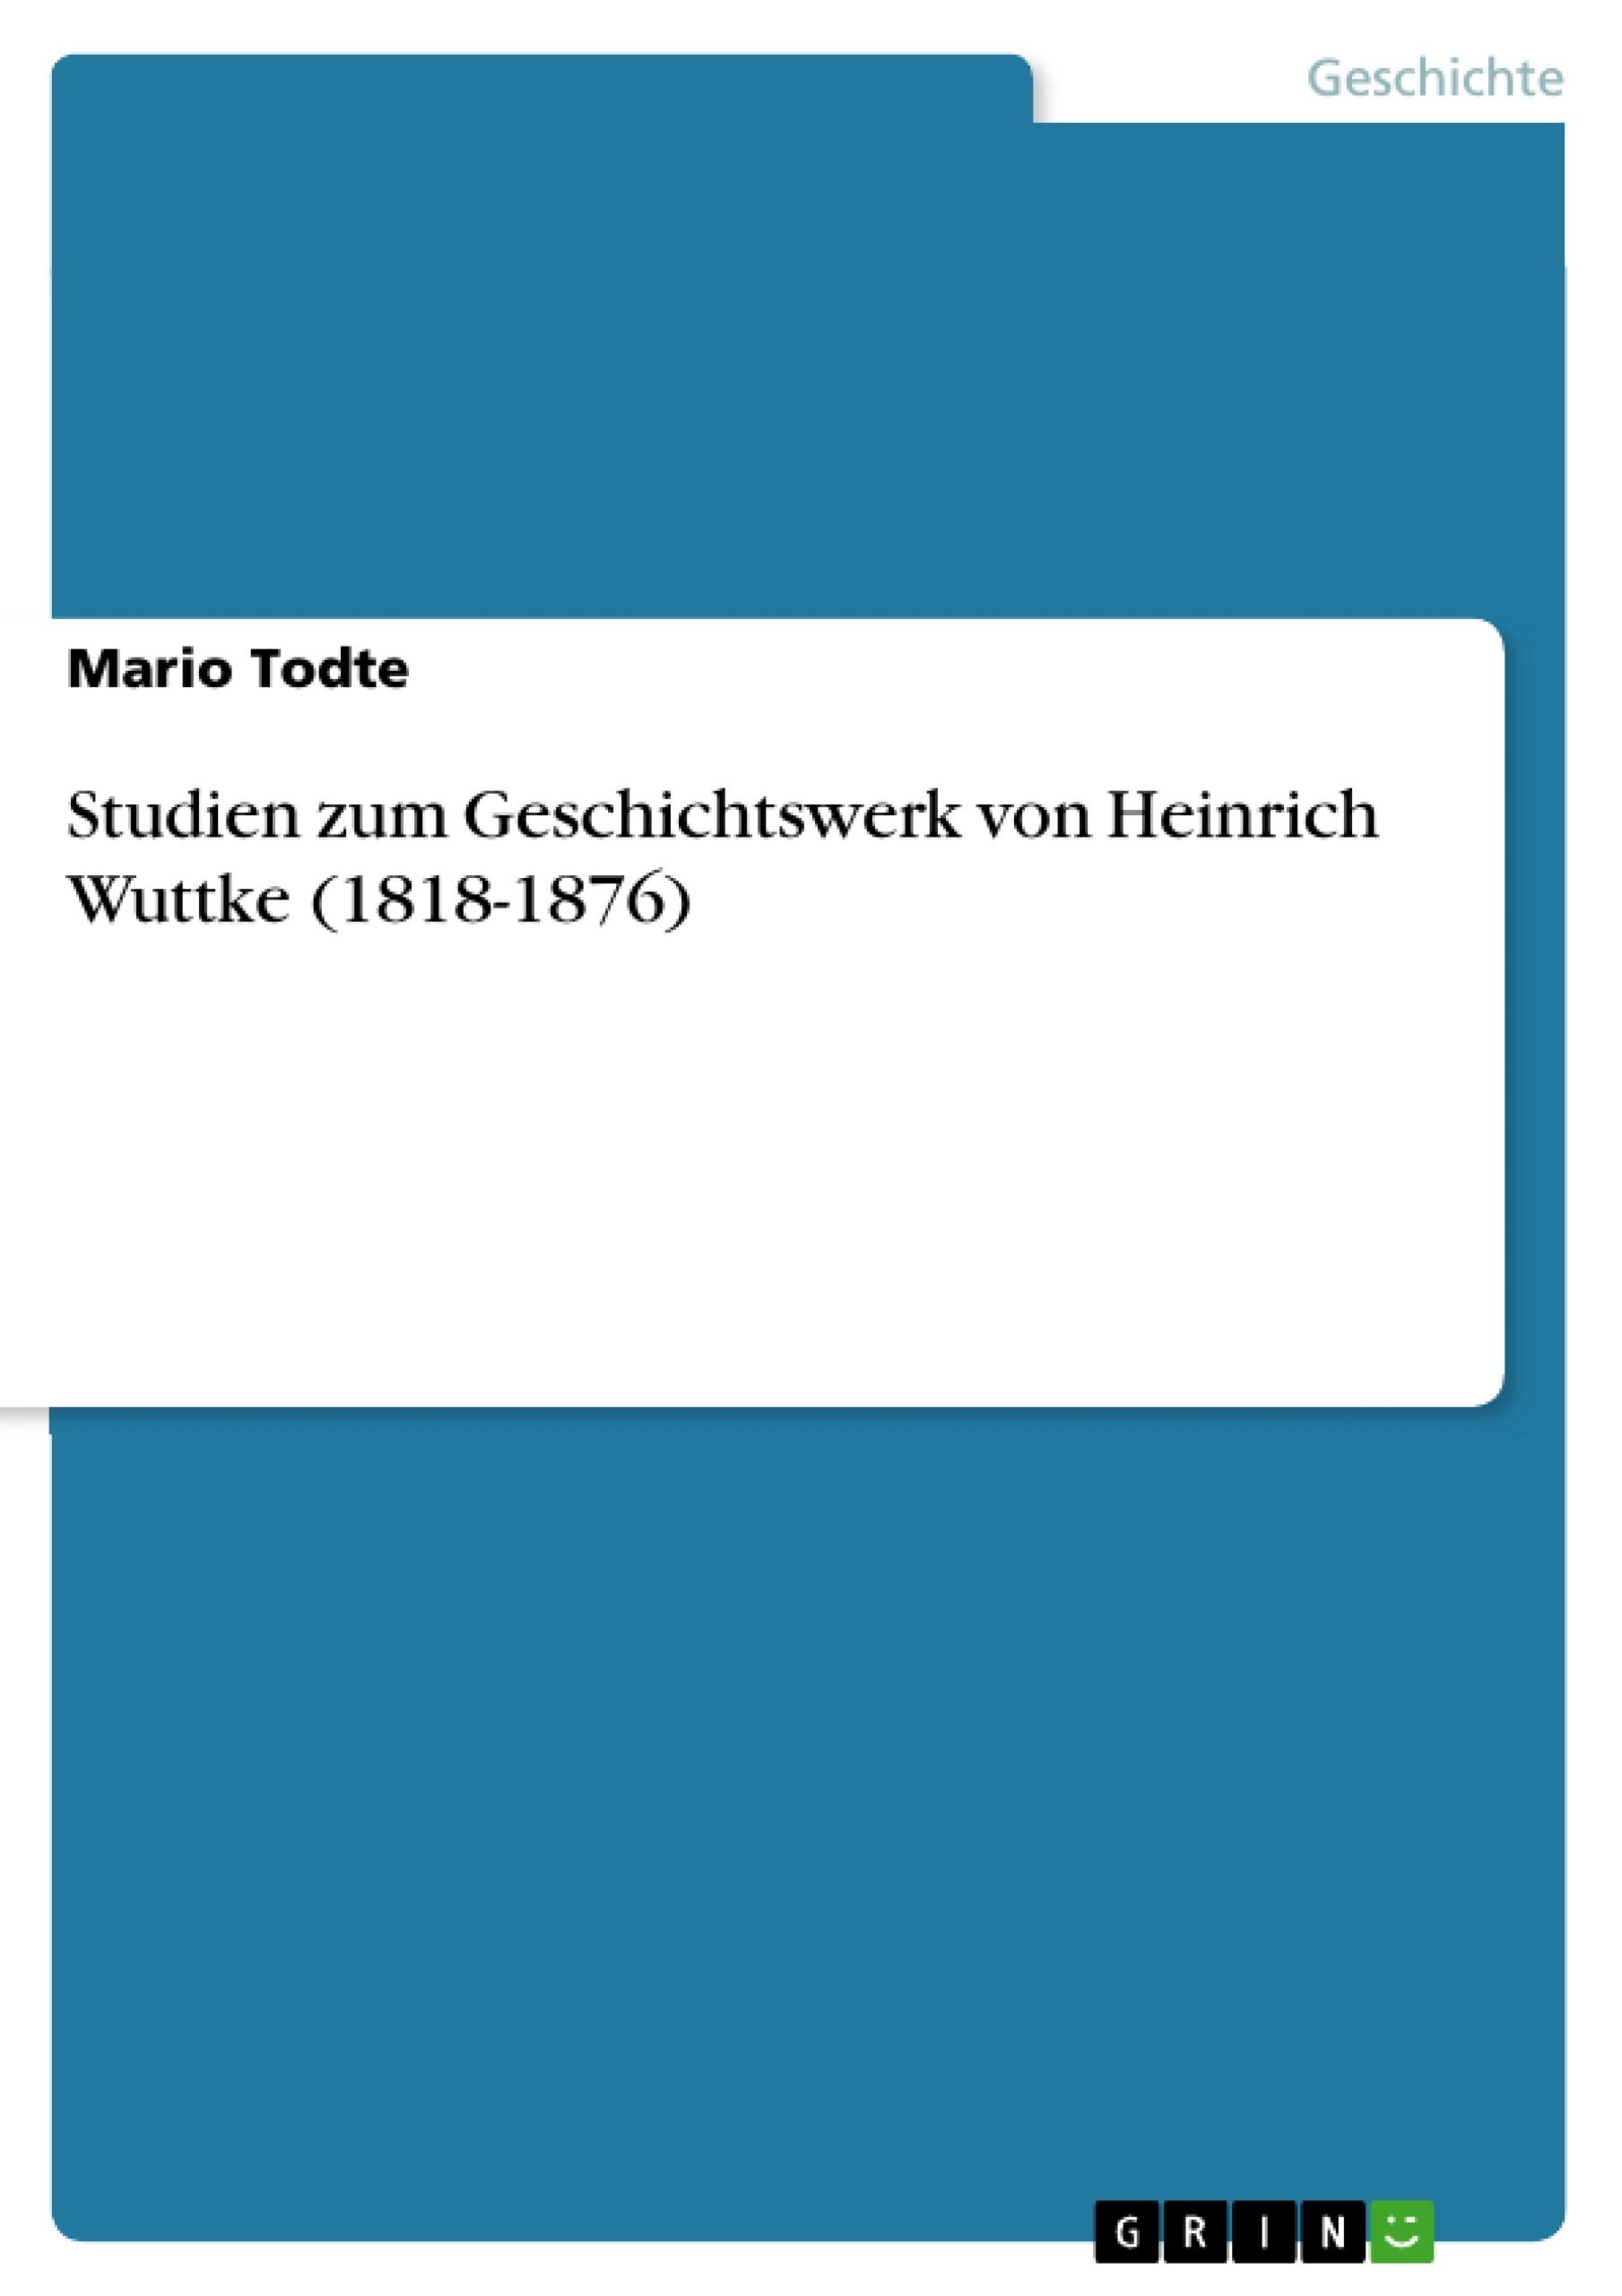 Titel: Studien zum Geschichtswerk von  Heinrich Wuttke (1818-1876)